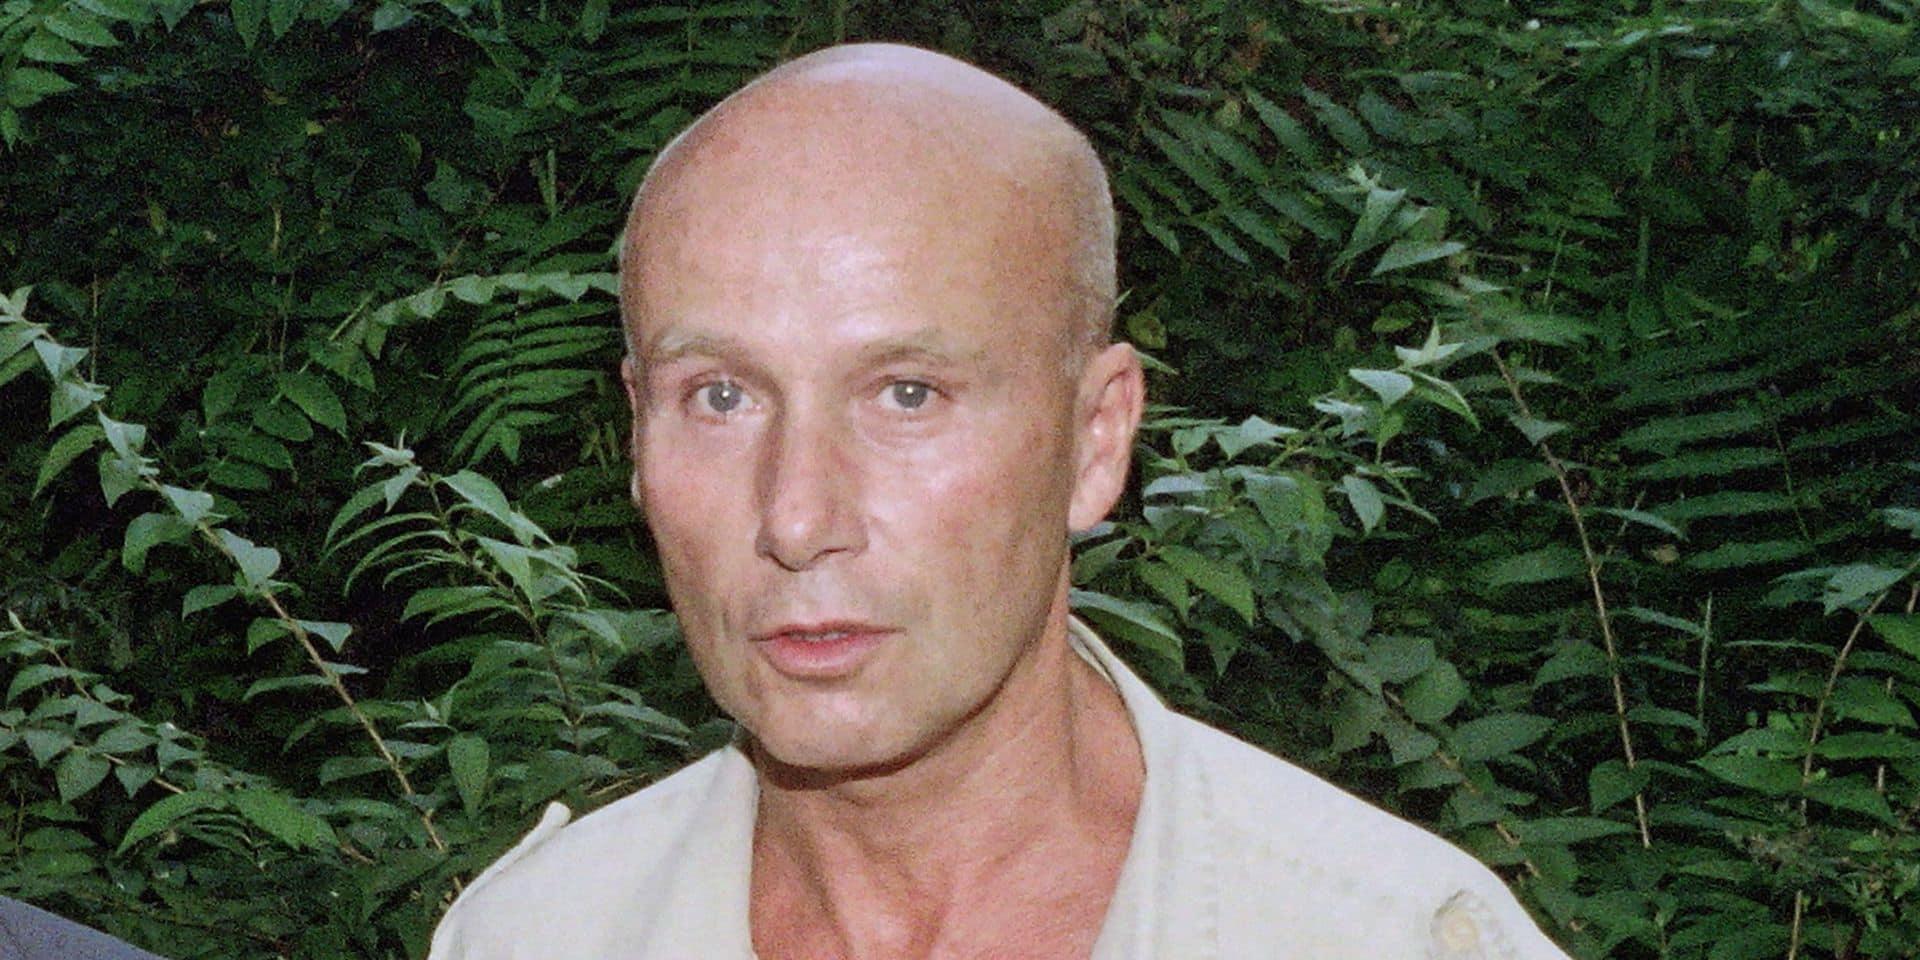 Affaire Matzneff: le parquet de Paris ouvre une enquête pour viols sur mineur